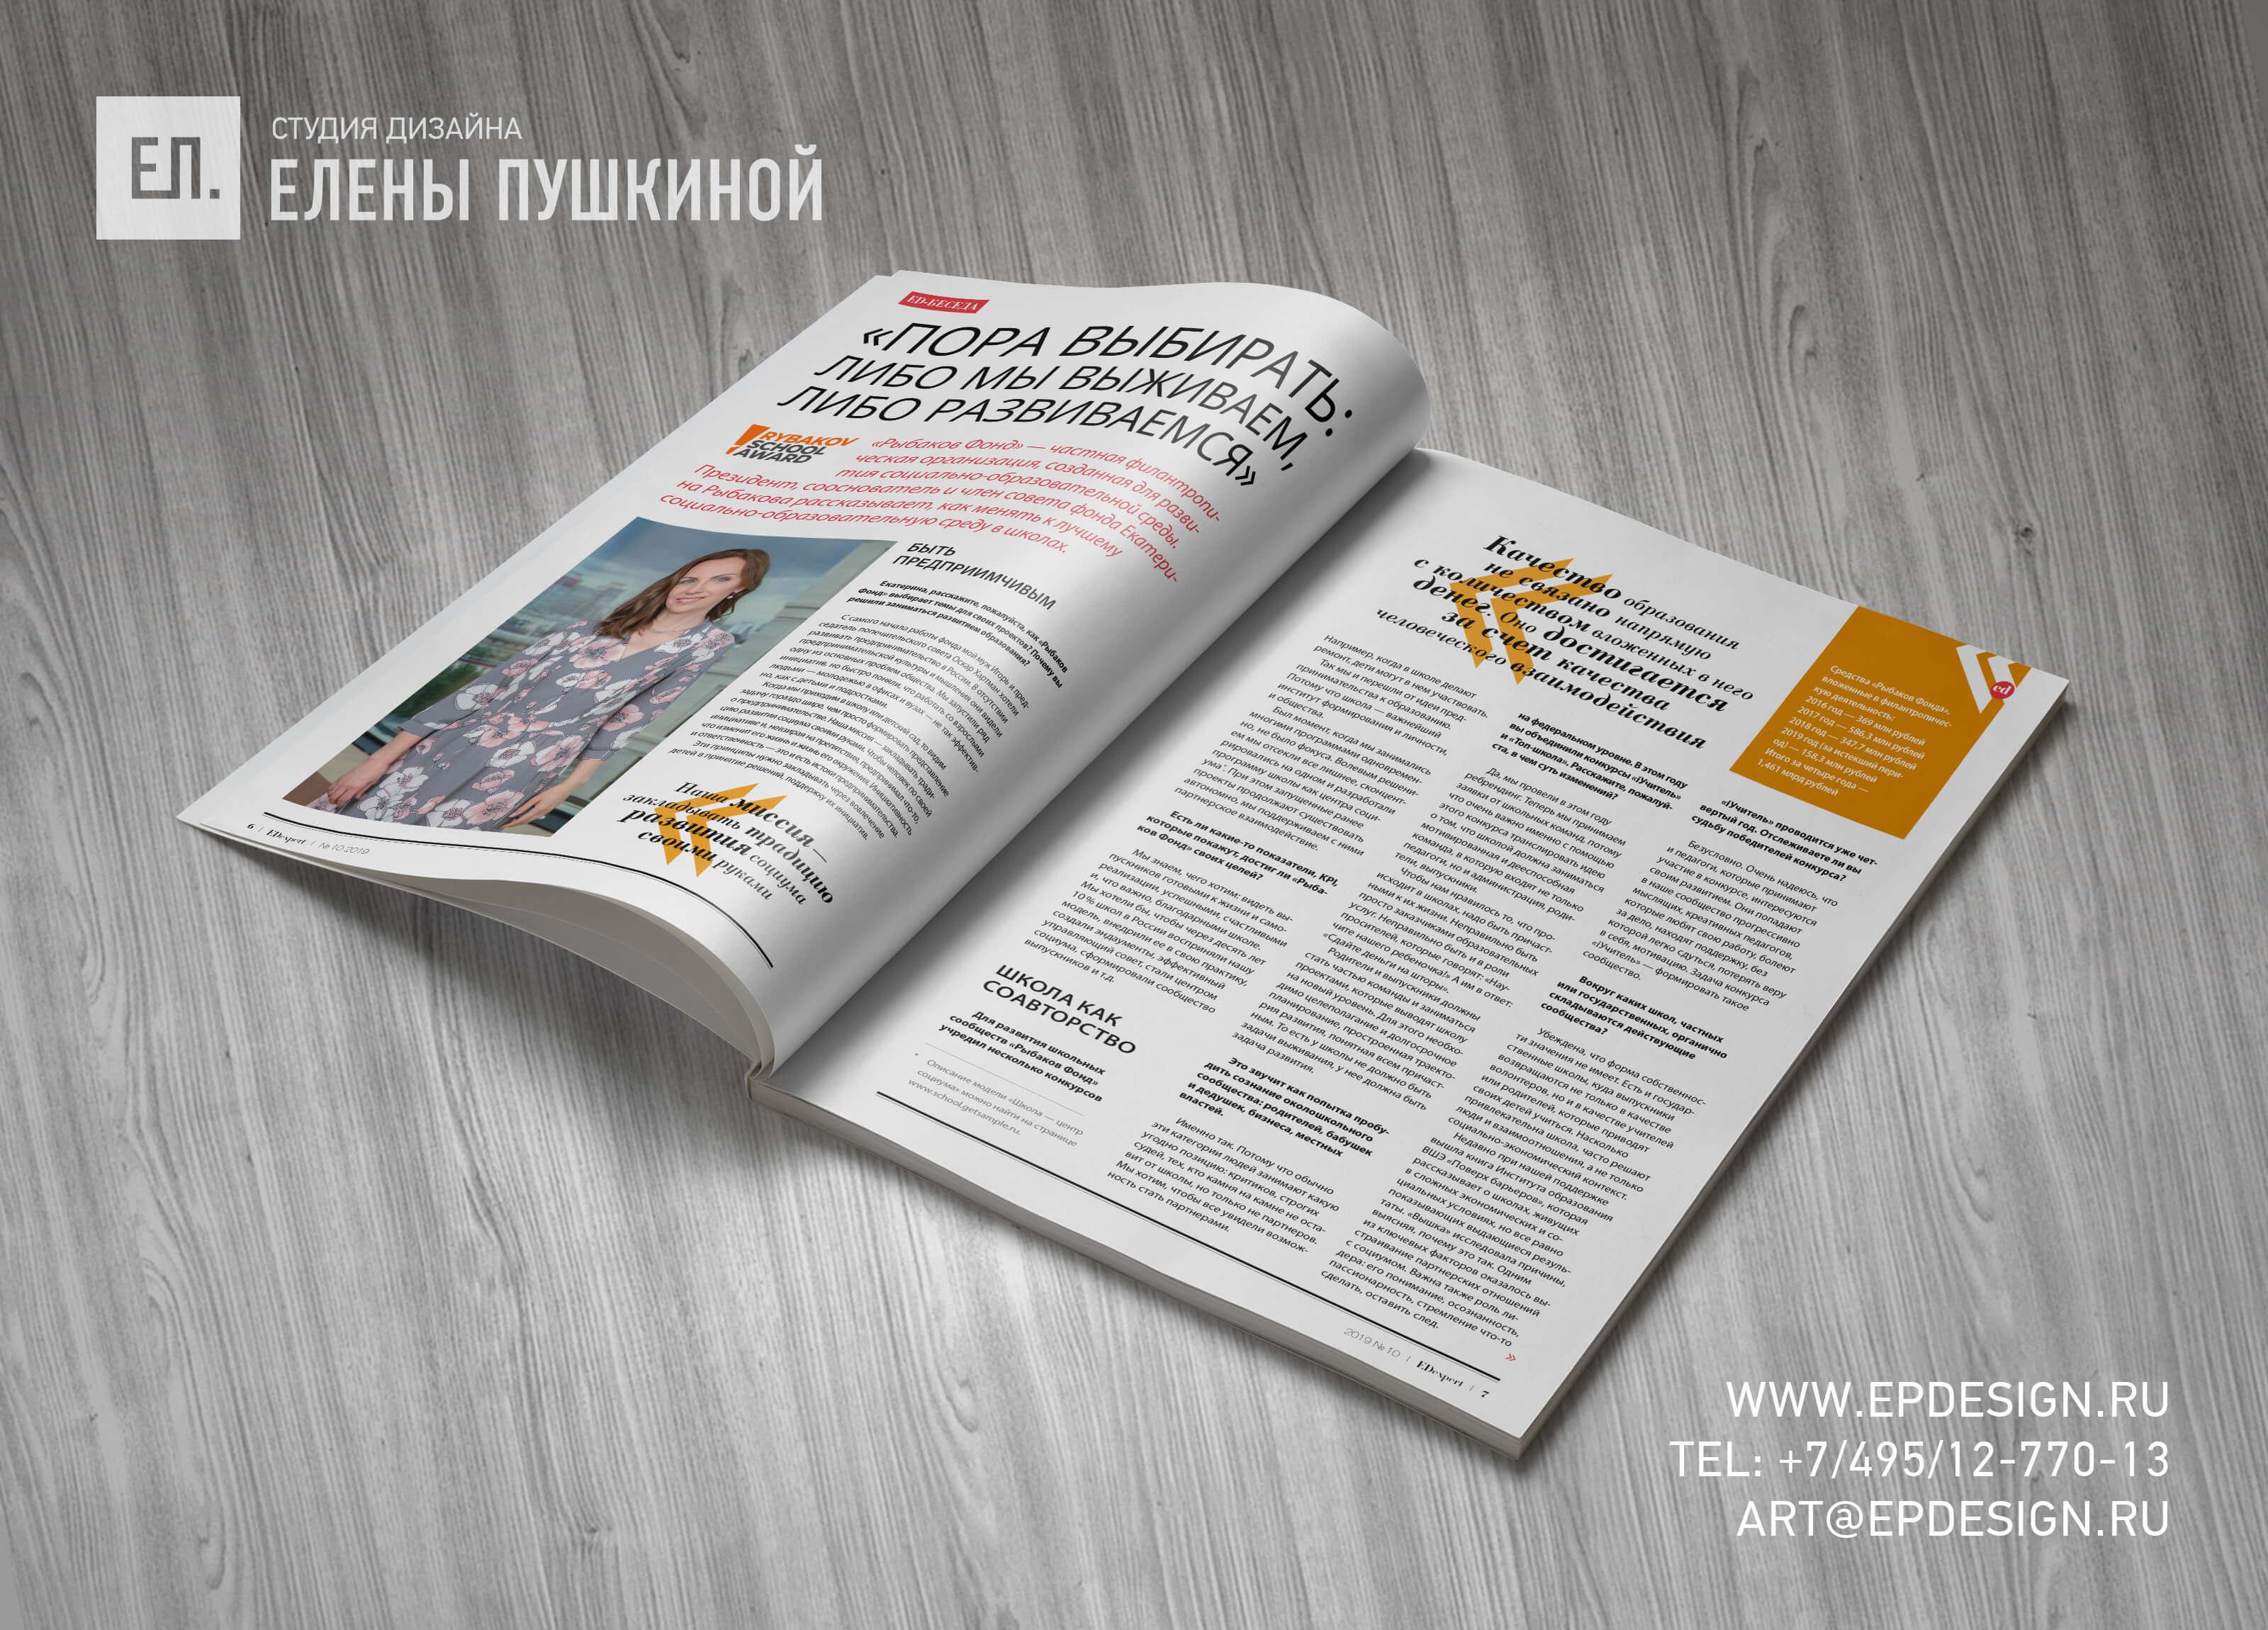 Журнал «EDexpert» №10 ноябрь 2019— разработка с«нуля» логотипа, обложки, макета ивёрстка журнала Разработка журналов Портфолио